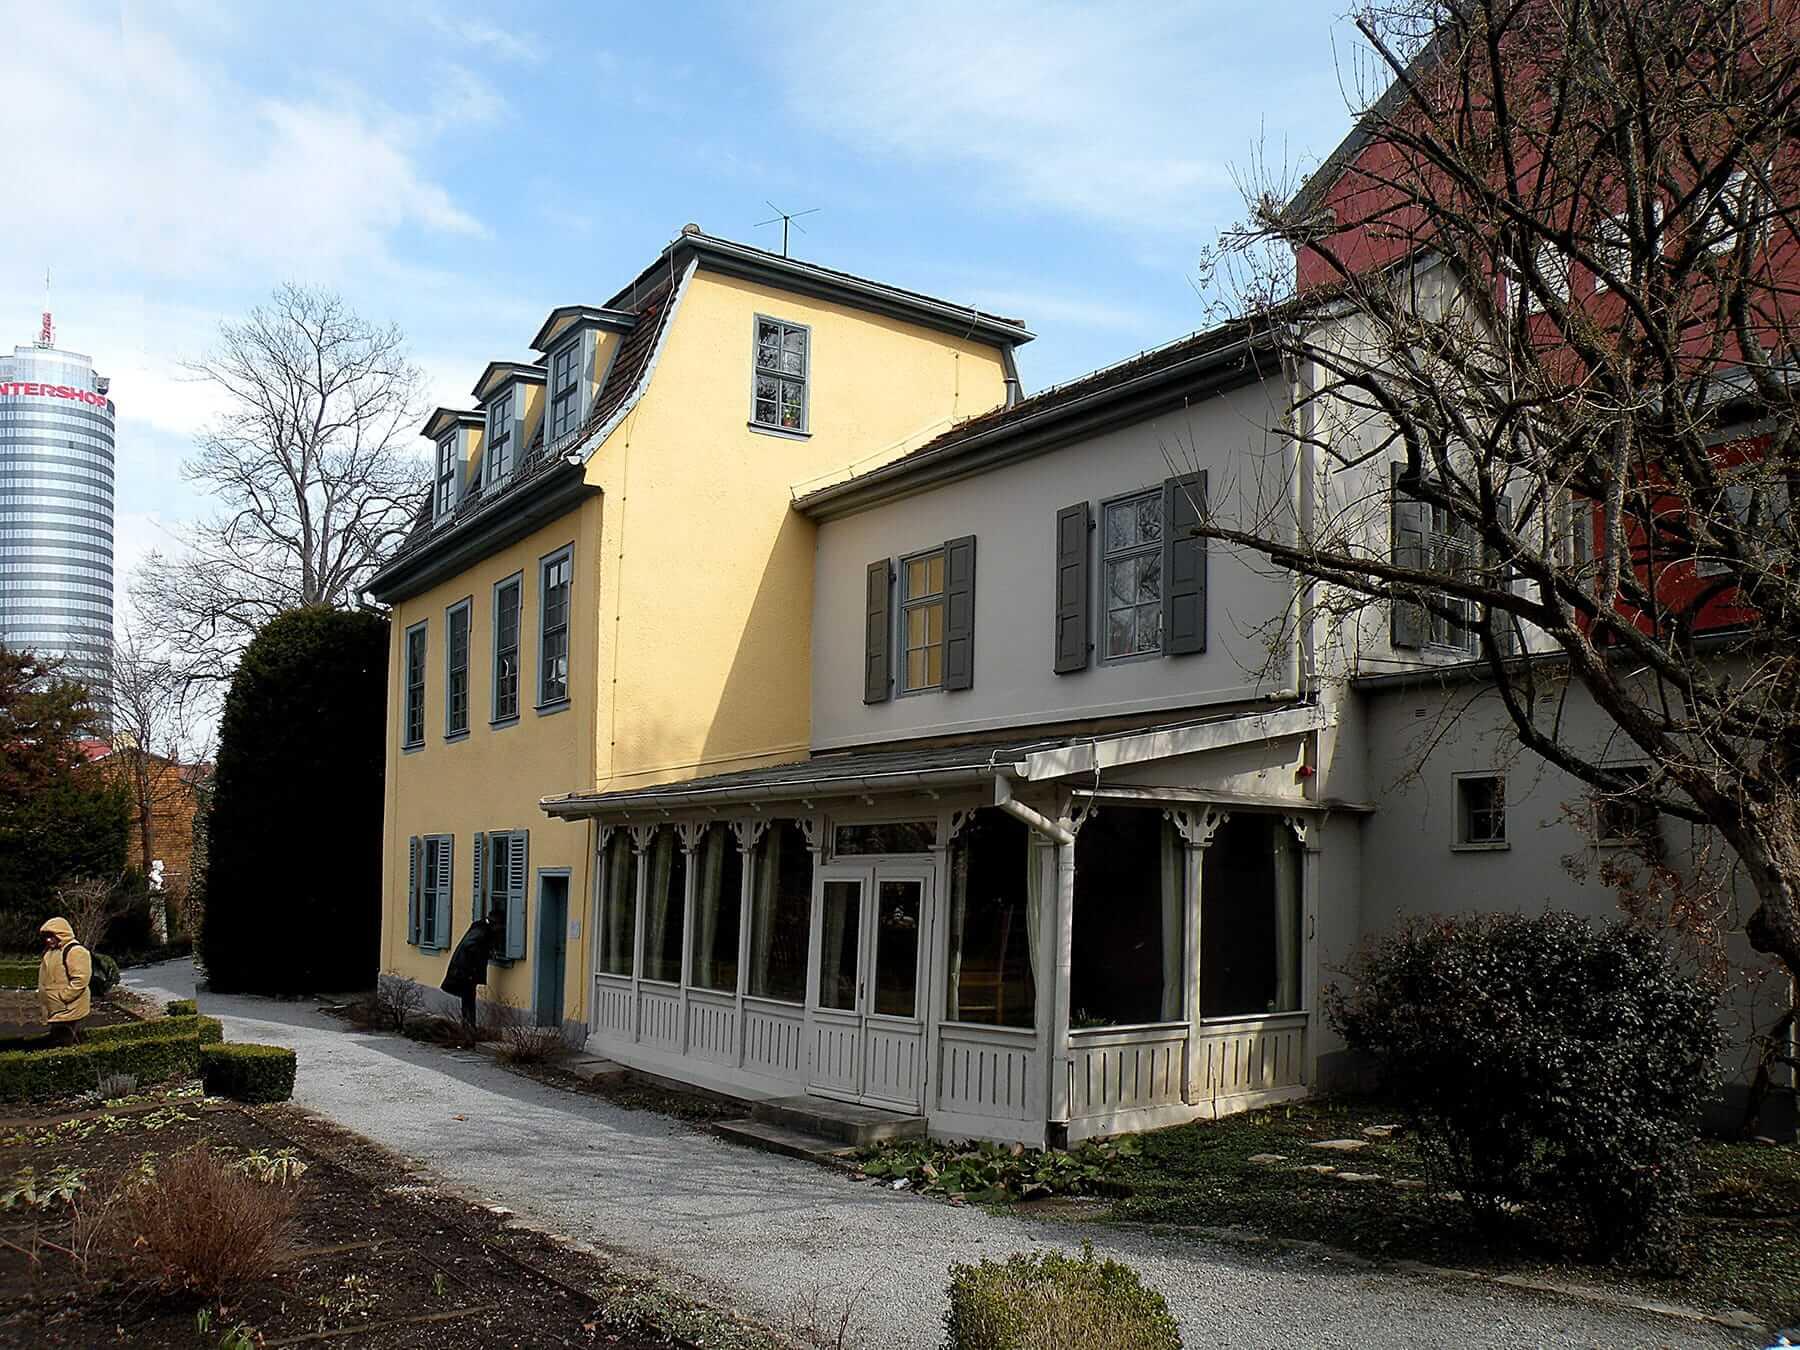 Дом Шиллера в Йене, где он преподавал в университете. Источник: wikipedia.org